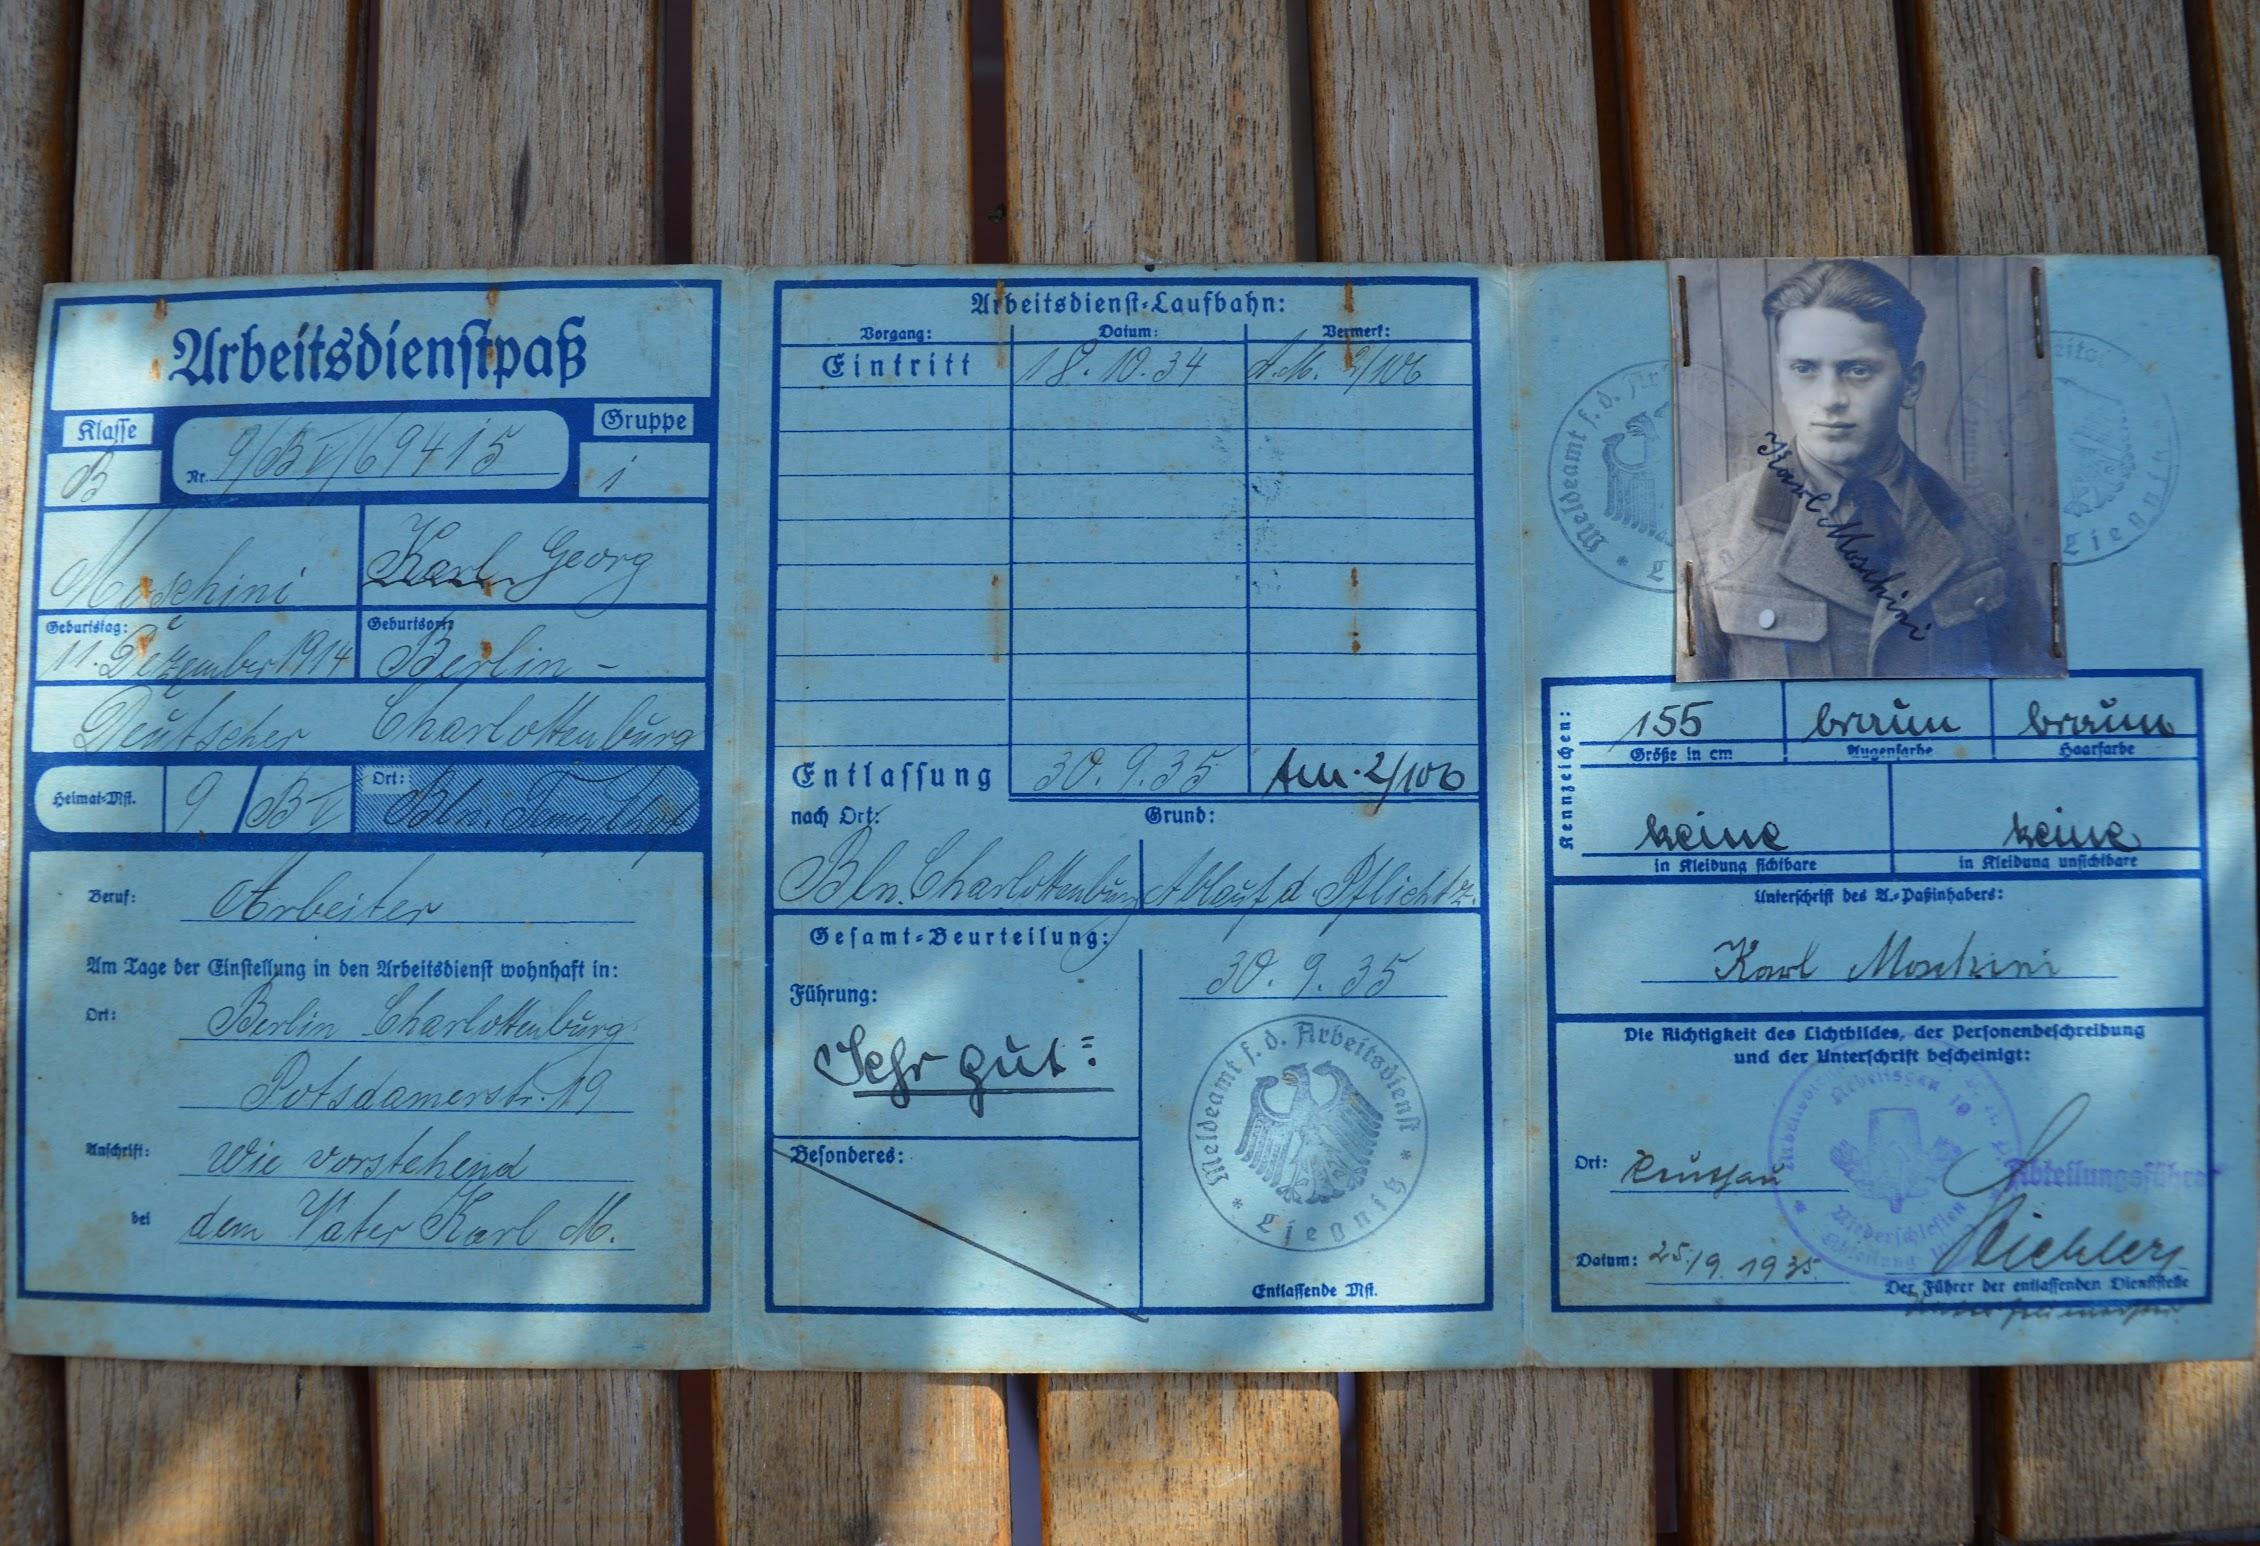 Freiwilliger Arbeitsdienst - Arbeitskarte - 1934 - Karl-Georg Moschini